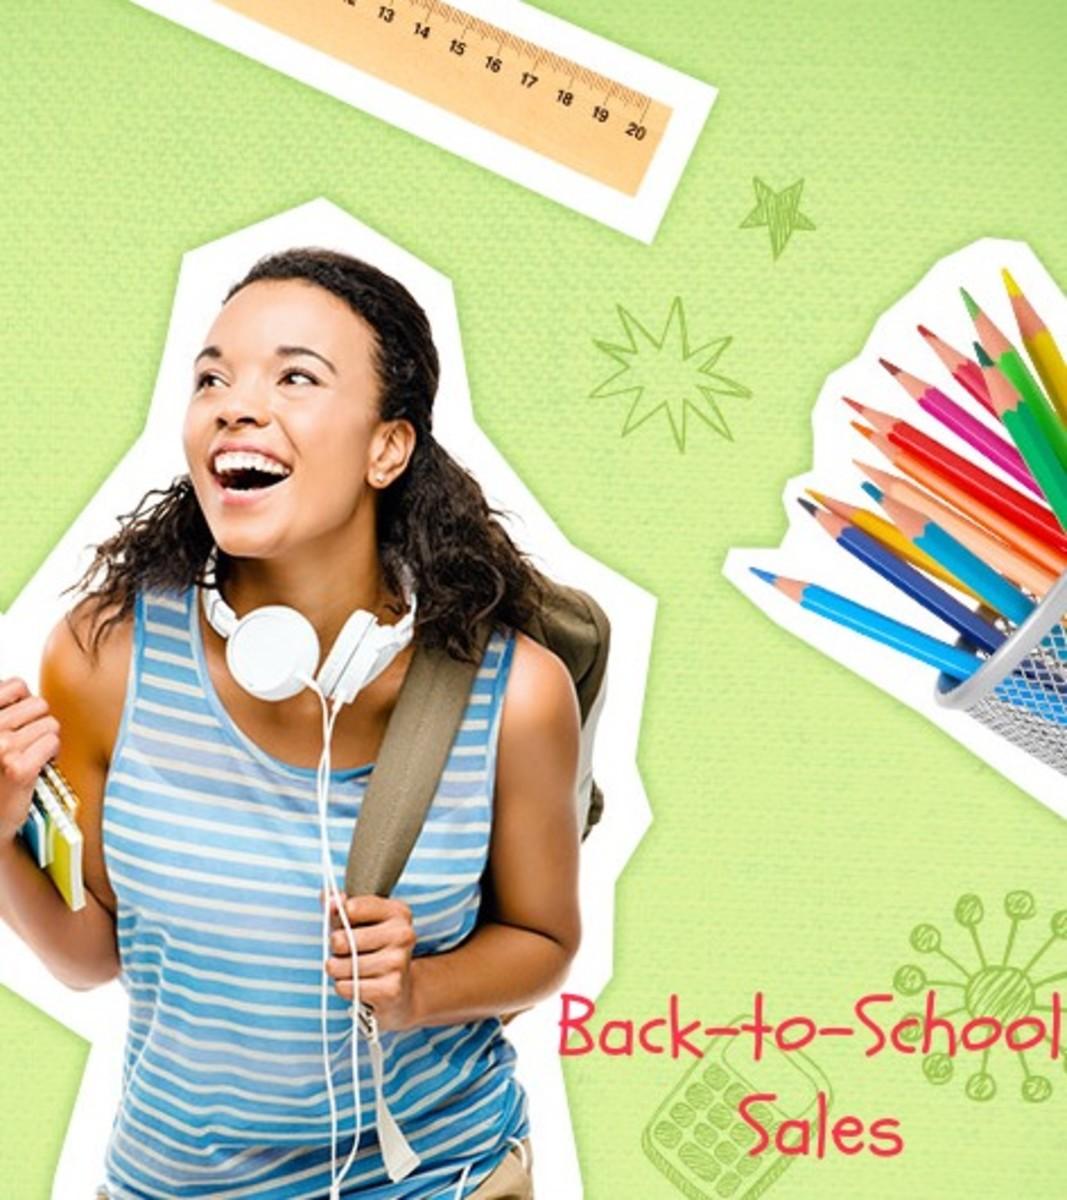 Back-to-School Sales.jpg